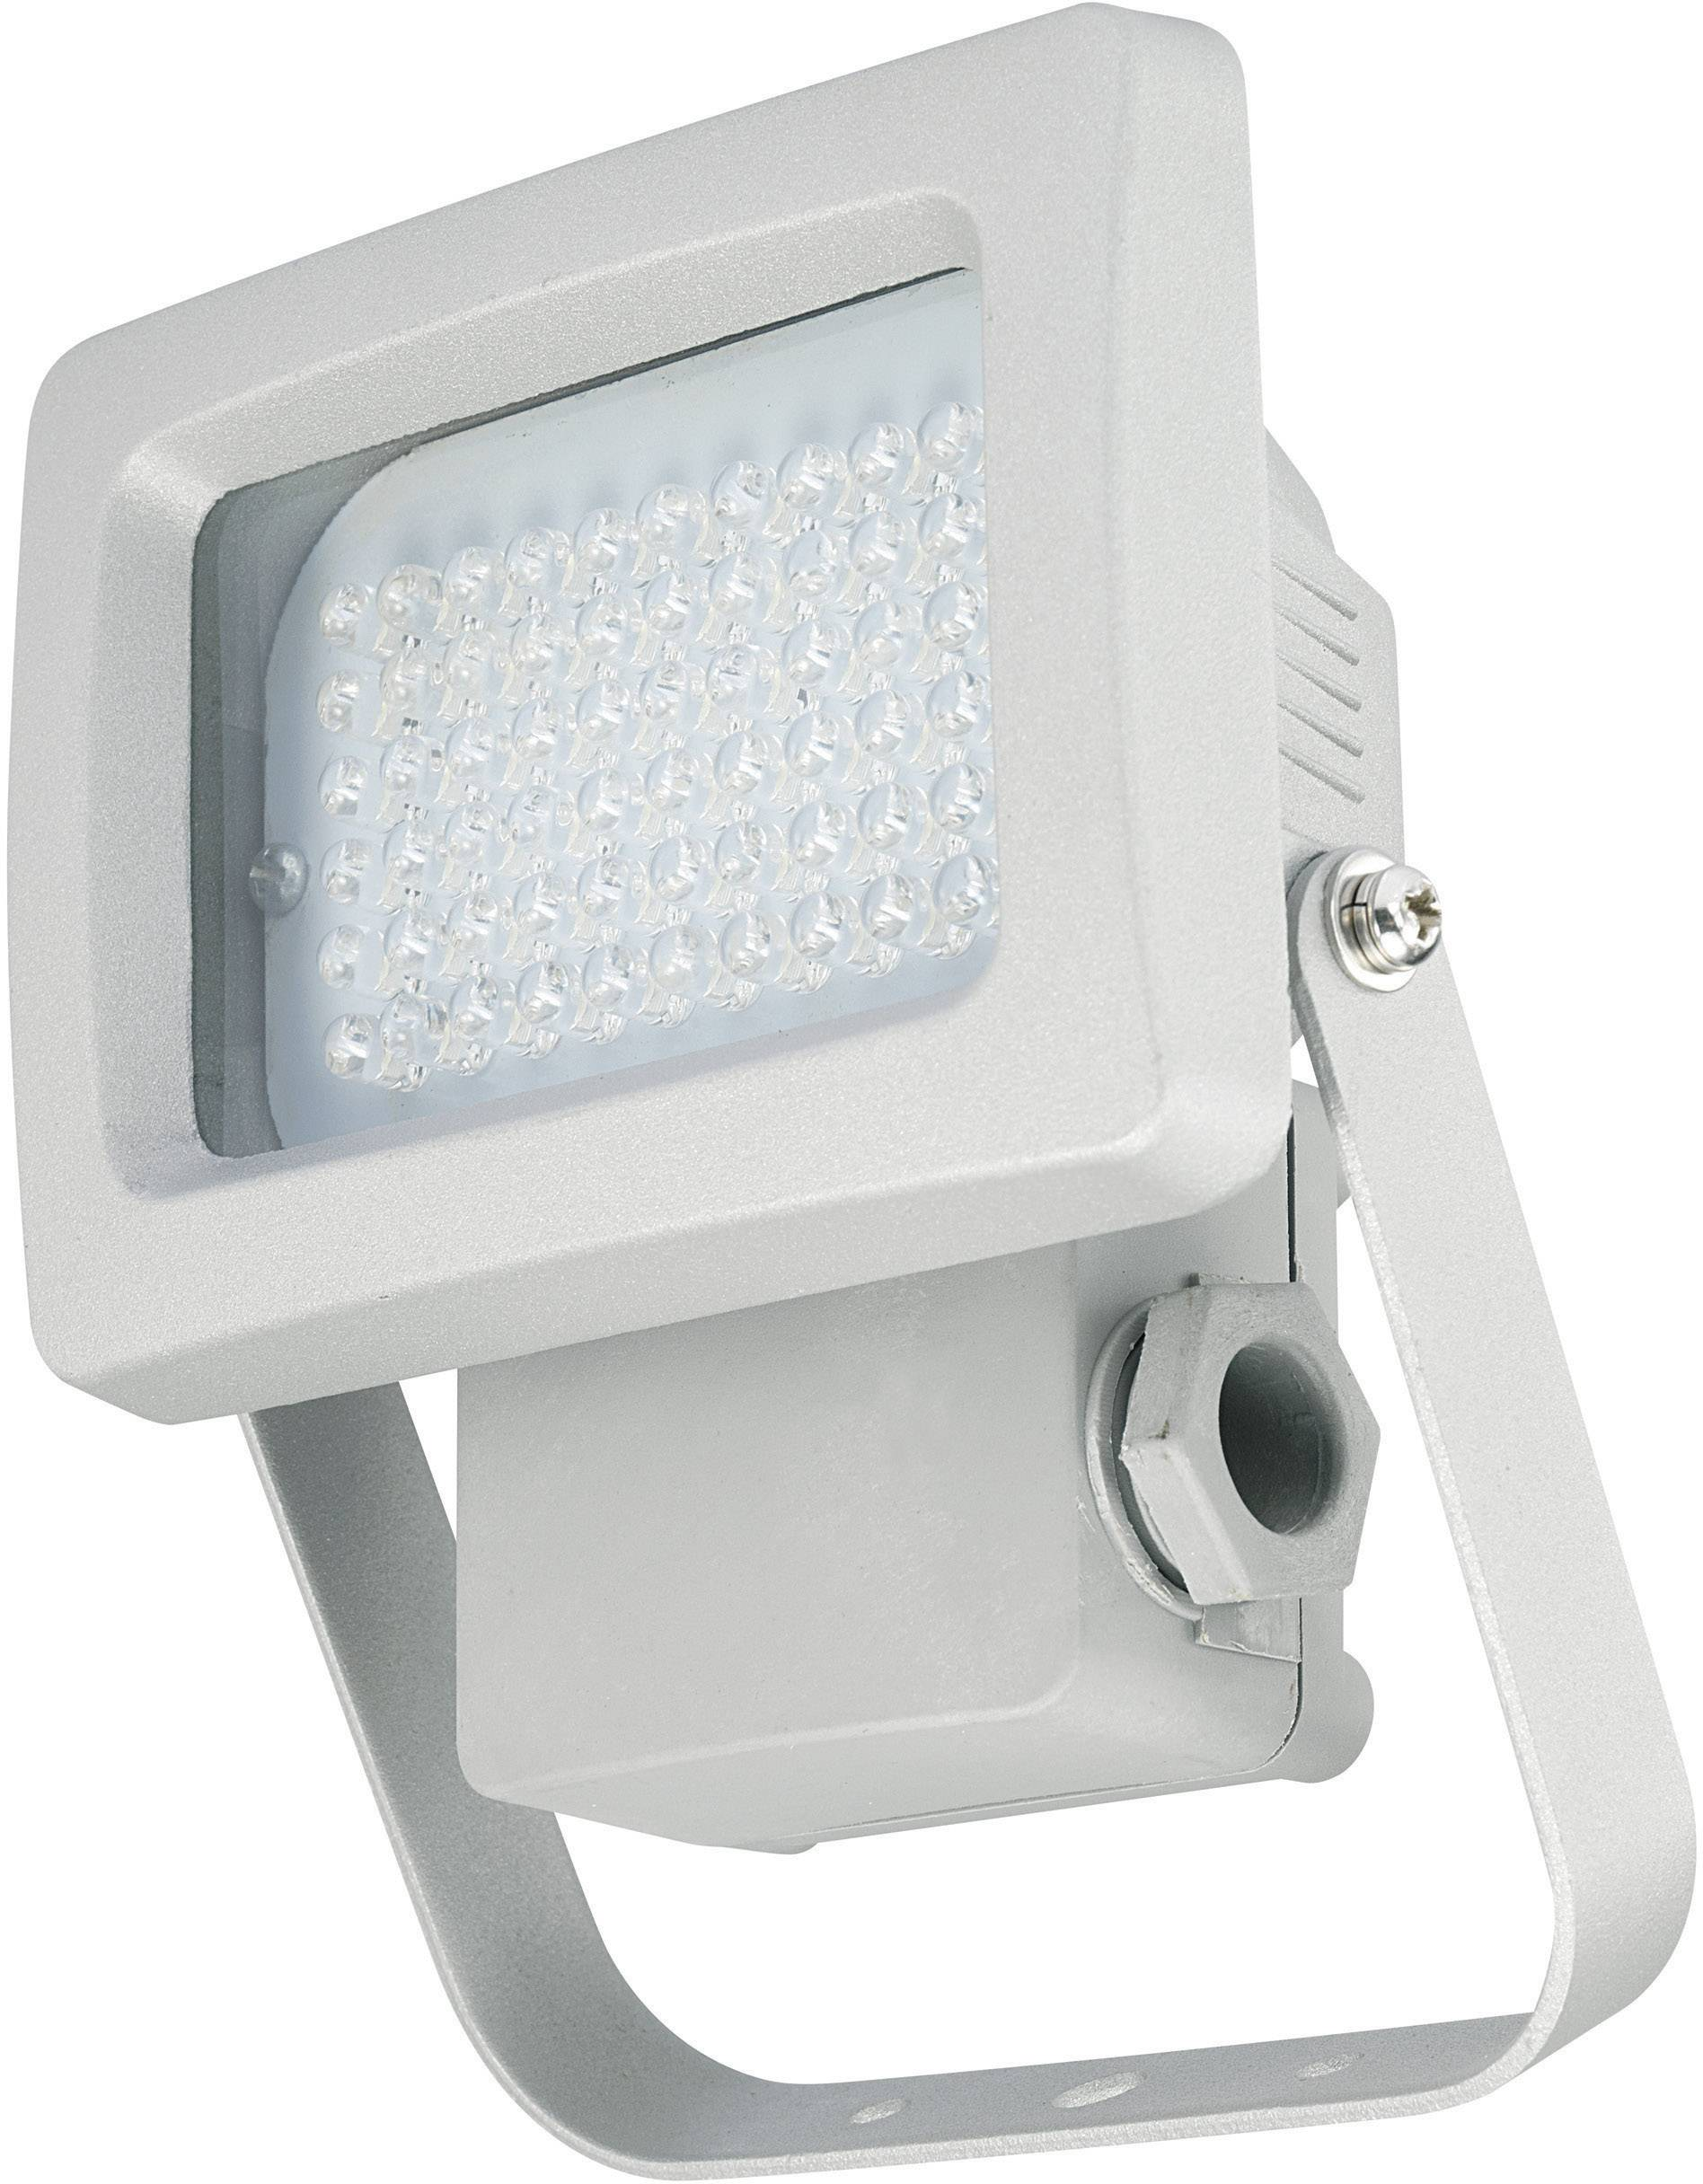 Vonkajšie LED reflektor, 3.8 W, strieborný